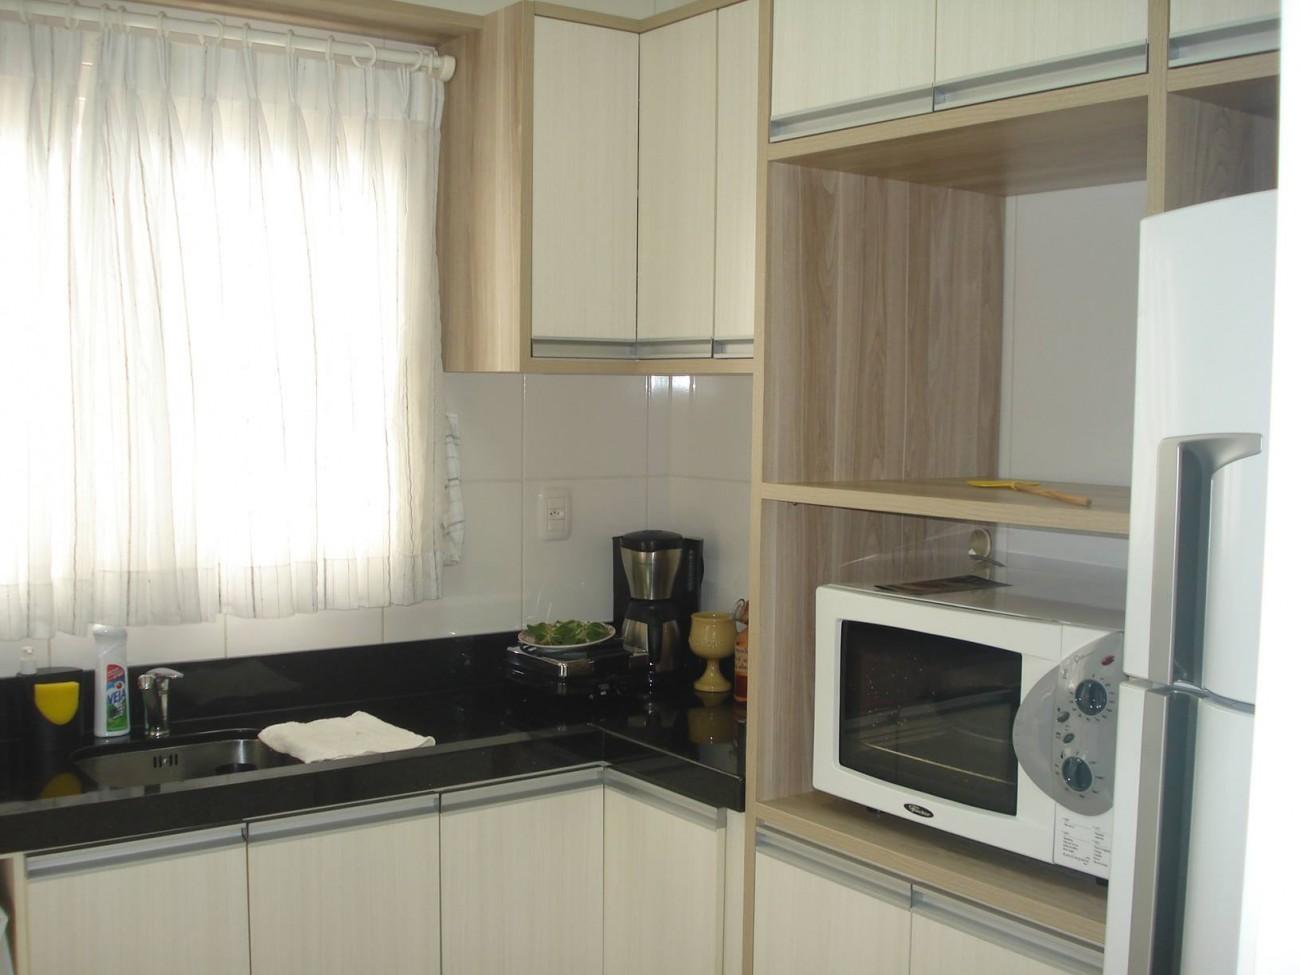 Apartamento 2 Dormitórios no Residencial Módena. Bairro Florestal  #5E513D 1300 975